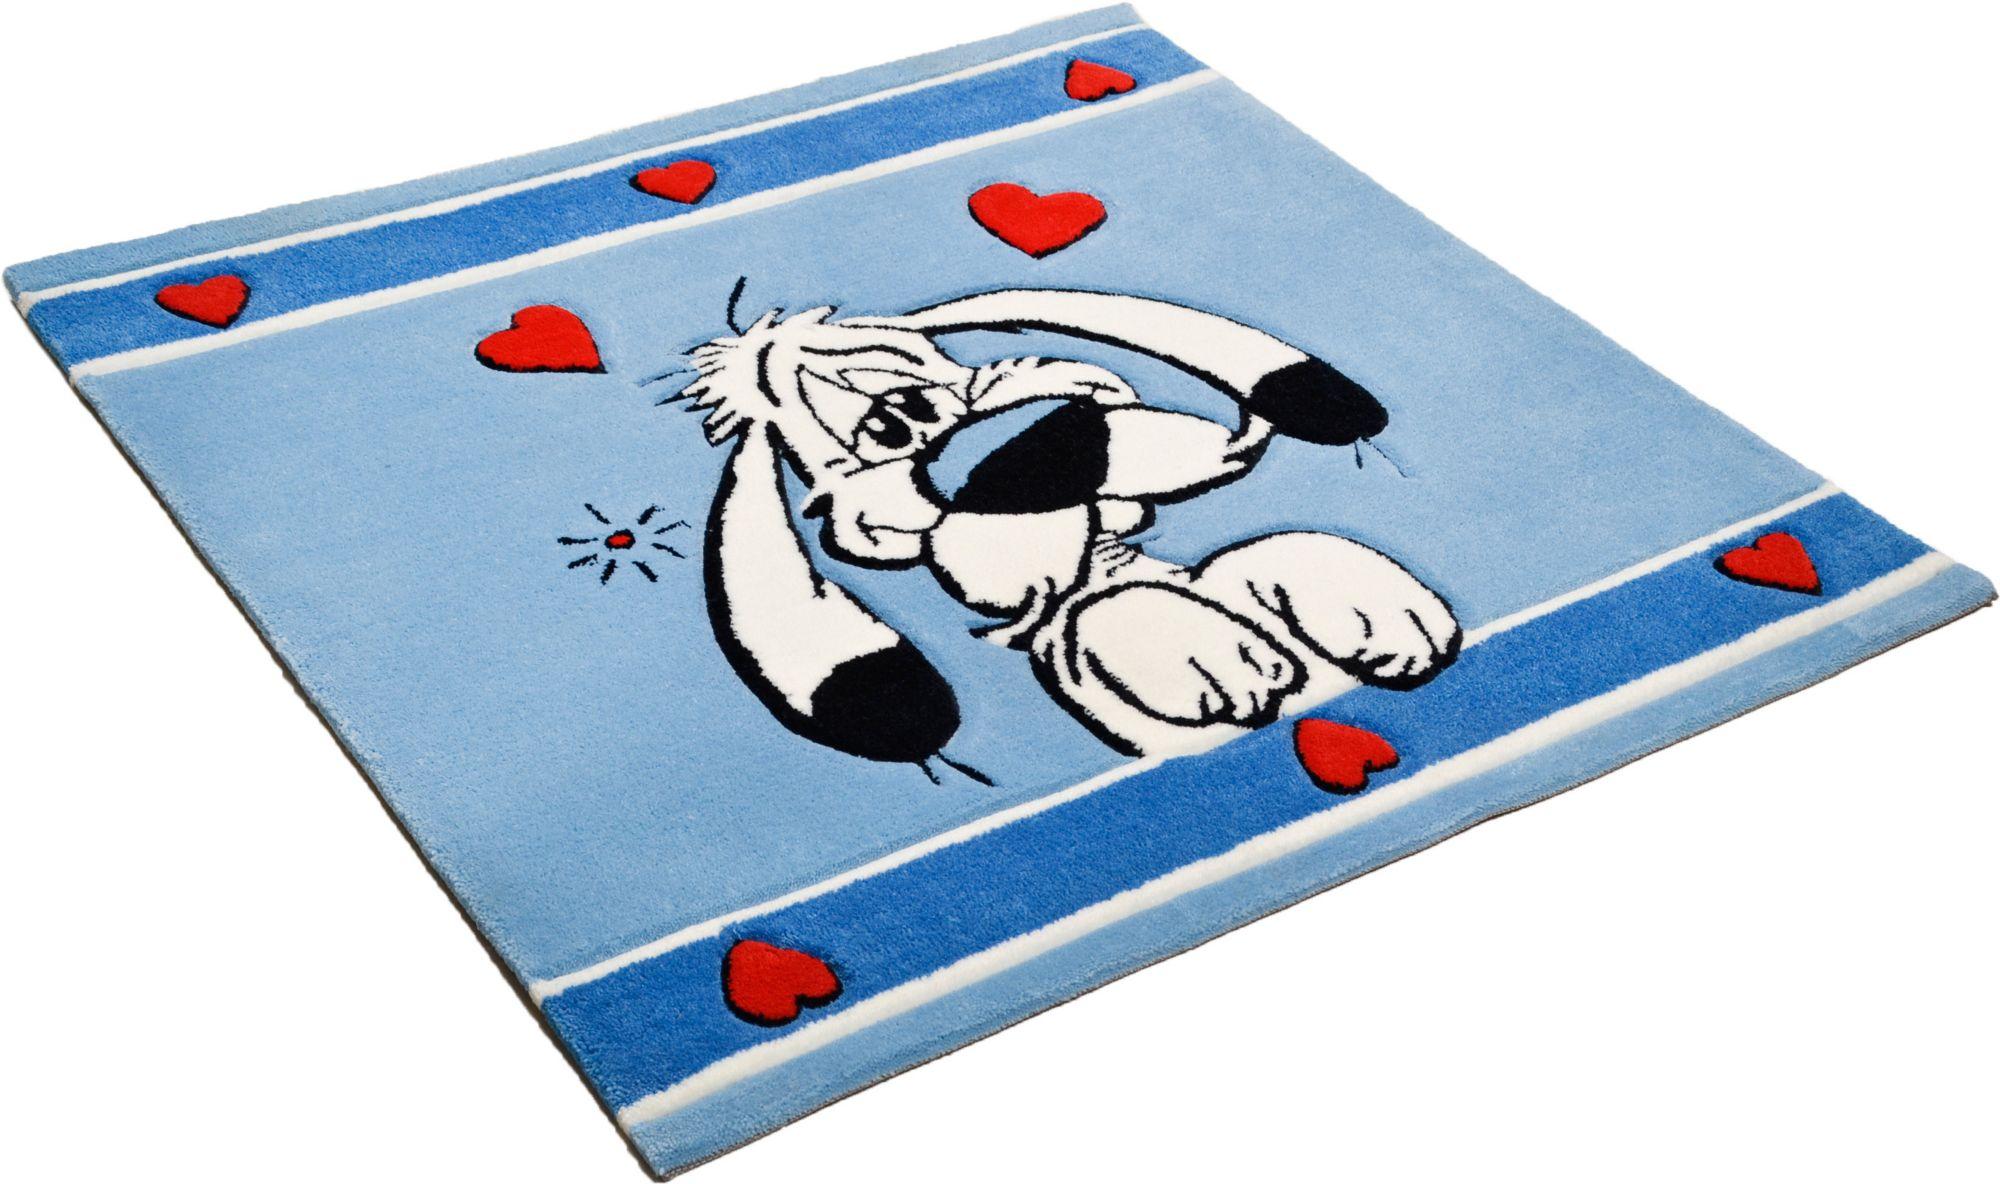 ASTERIX Kinder-Teppich, Asterix, »Der verliebte Idefix«, handgearbeitet